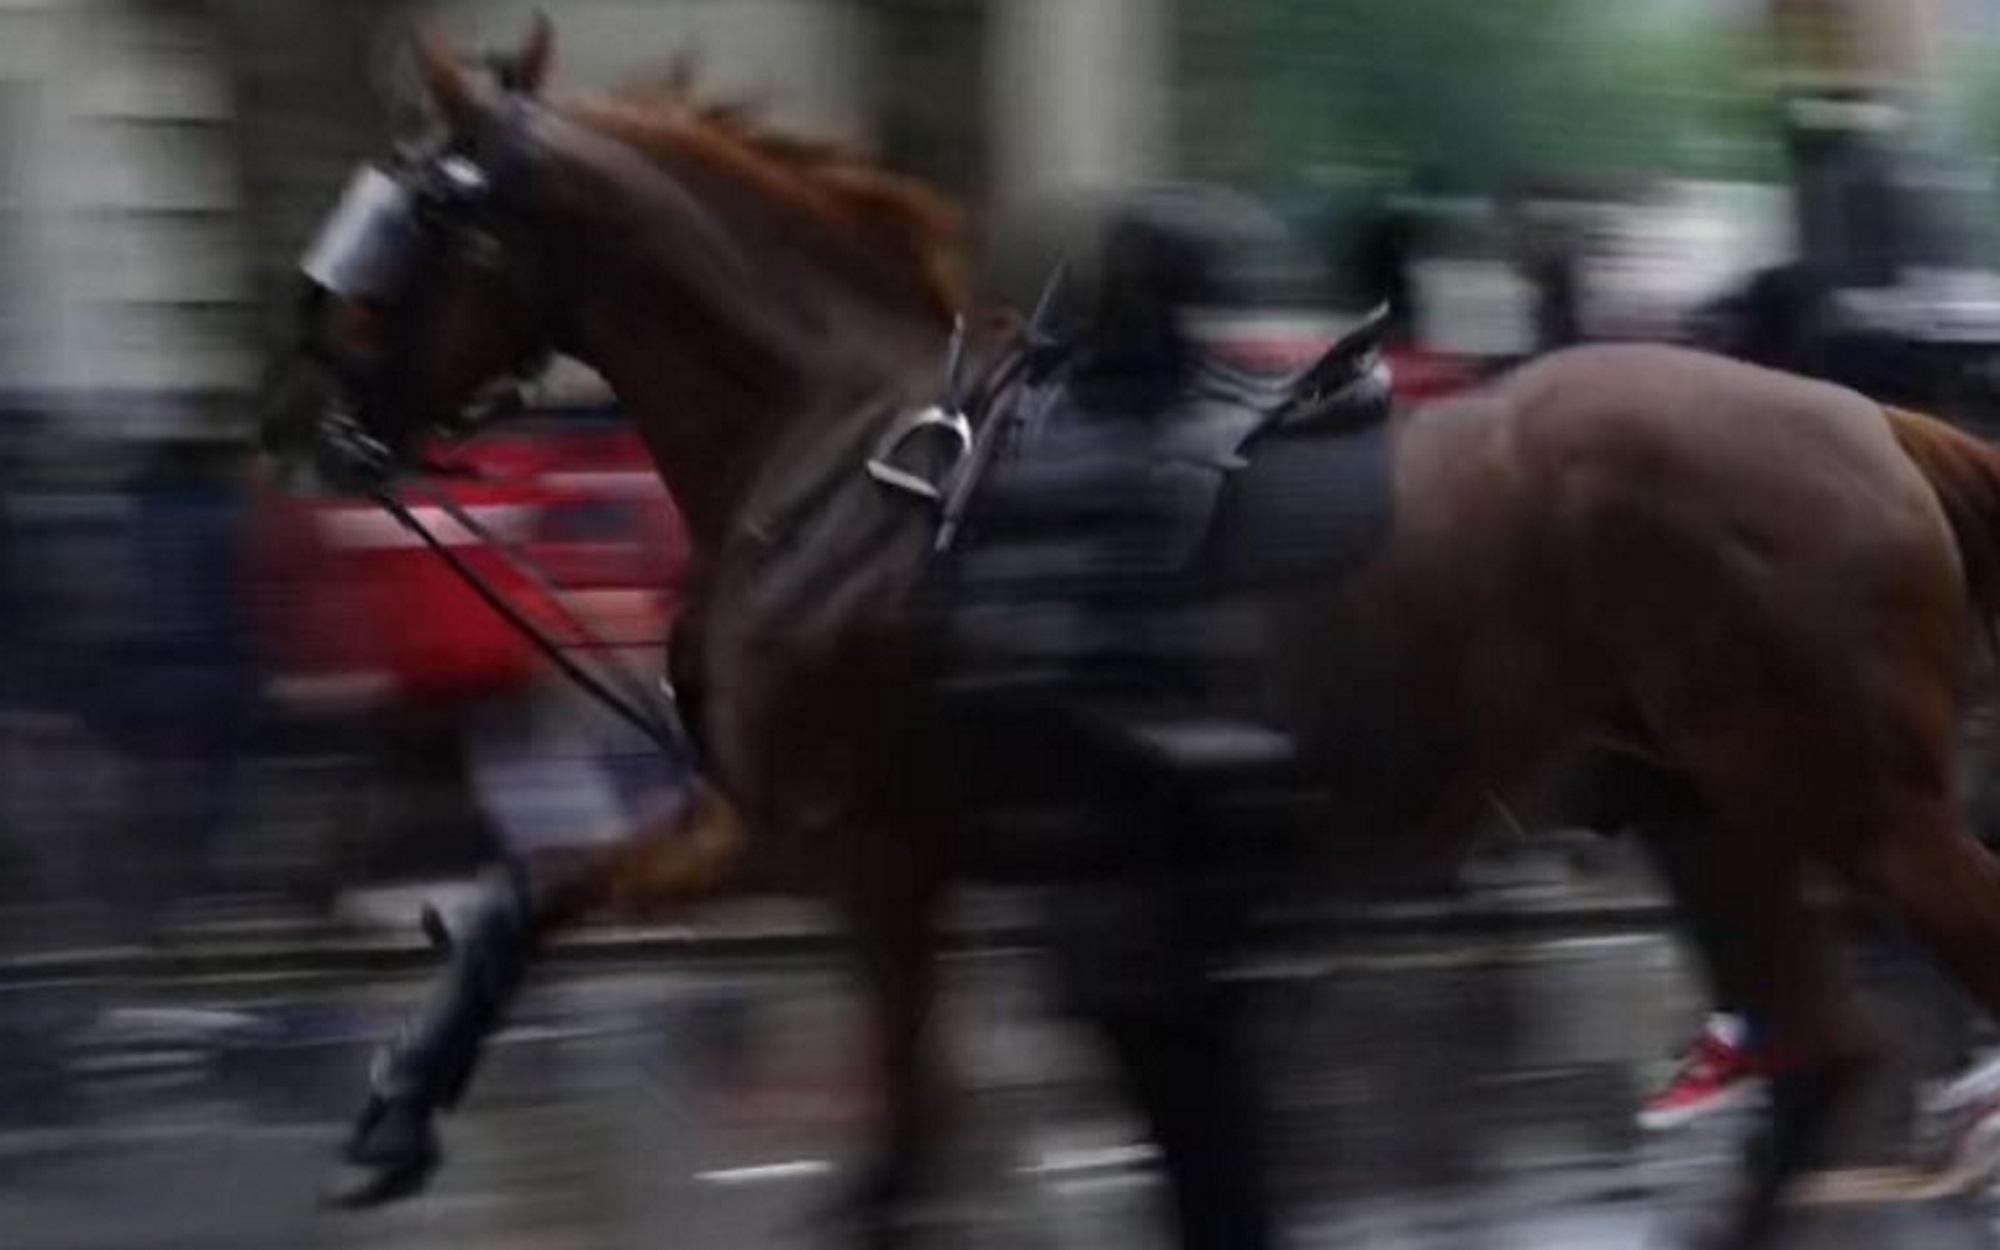 Τζορτζ Φλόιντ: Άλογο σκορπά τον πανικό σε αντιρατσιστική διαδήλωση στο Λονδίνο (video)